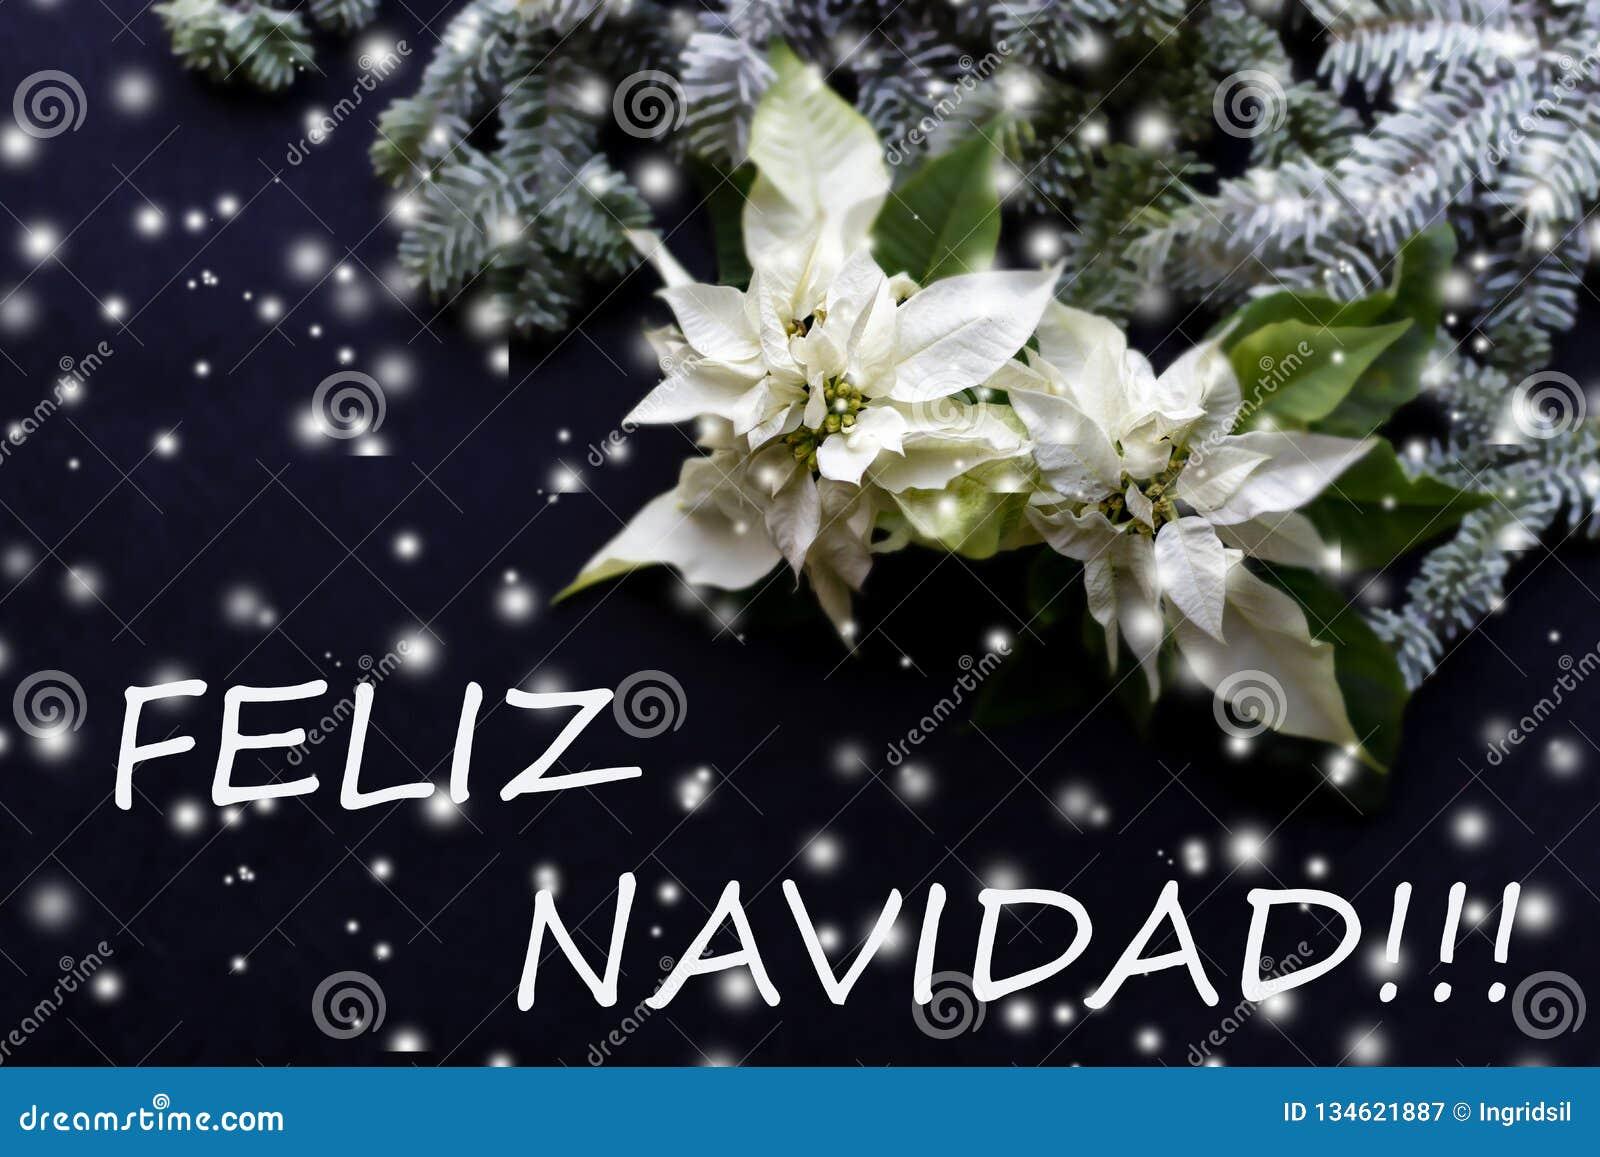 Fiore bianco della stella di Natale con l albero di abete su fondo scuro Cartolina di Natale christmastime Cartolina elegante